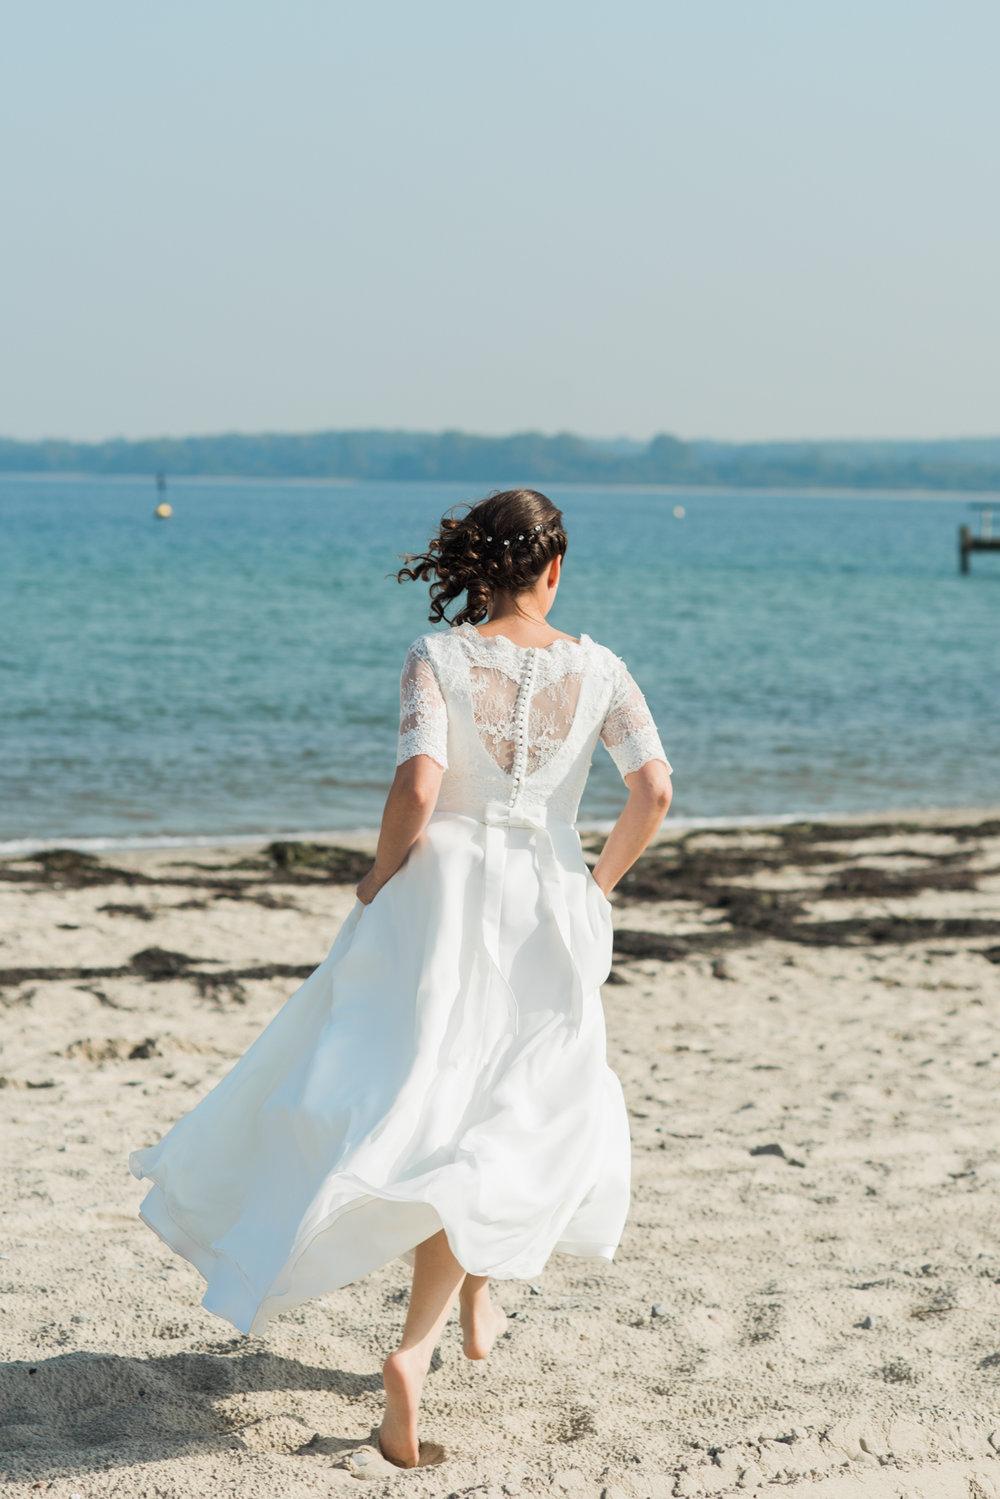 Bluhm-Hochzeitsfotograf-HochzeitamMeer-69.jpg